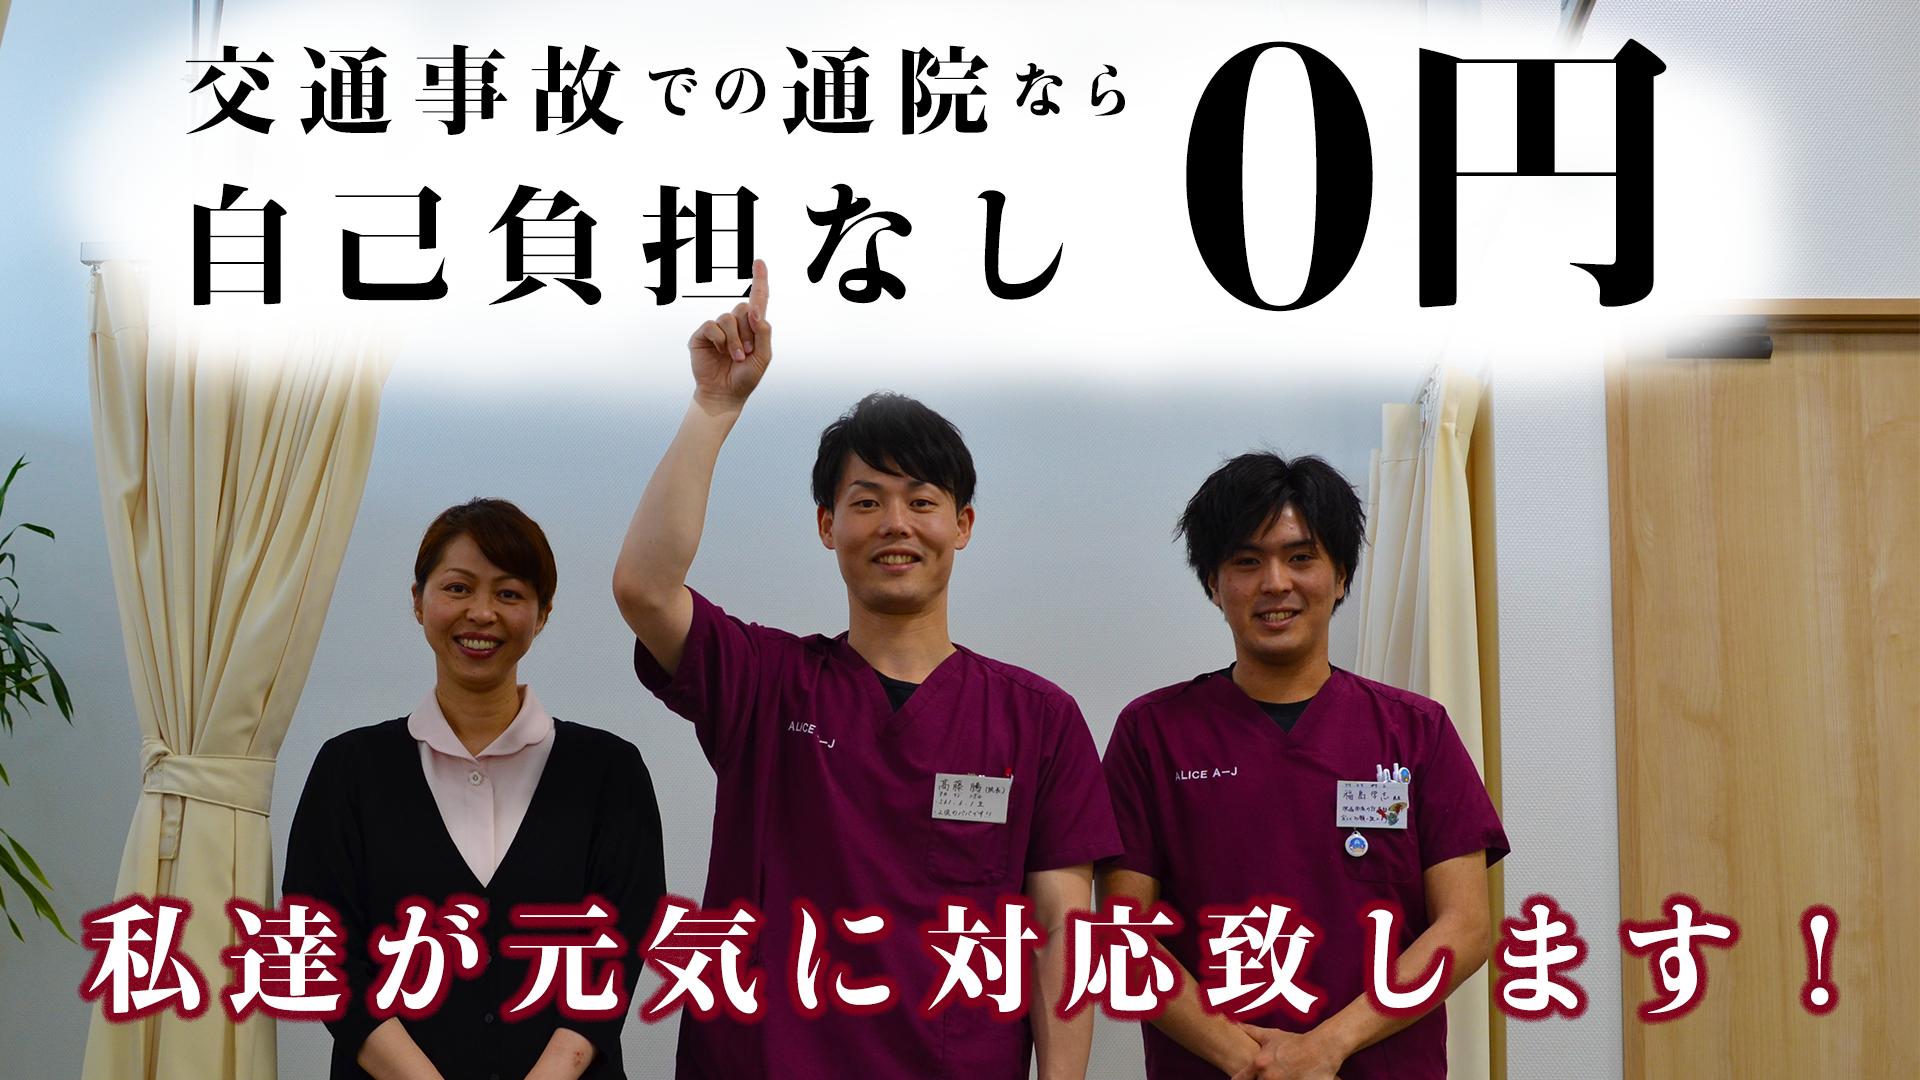 交通事故での通院なら自己負担なし0円 私達が元気に対応いたします!